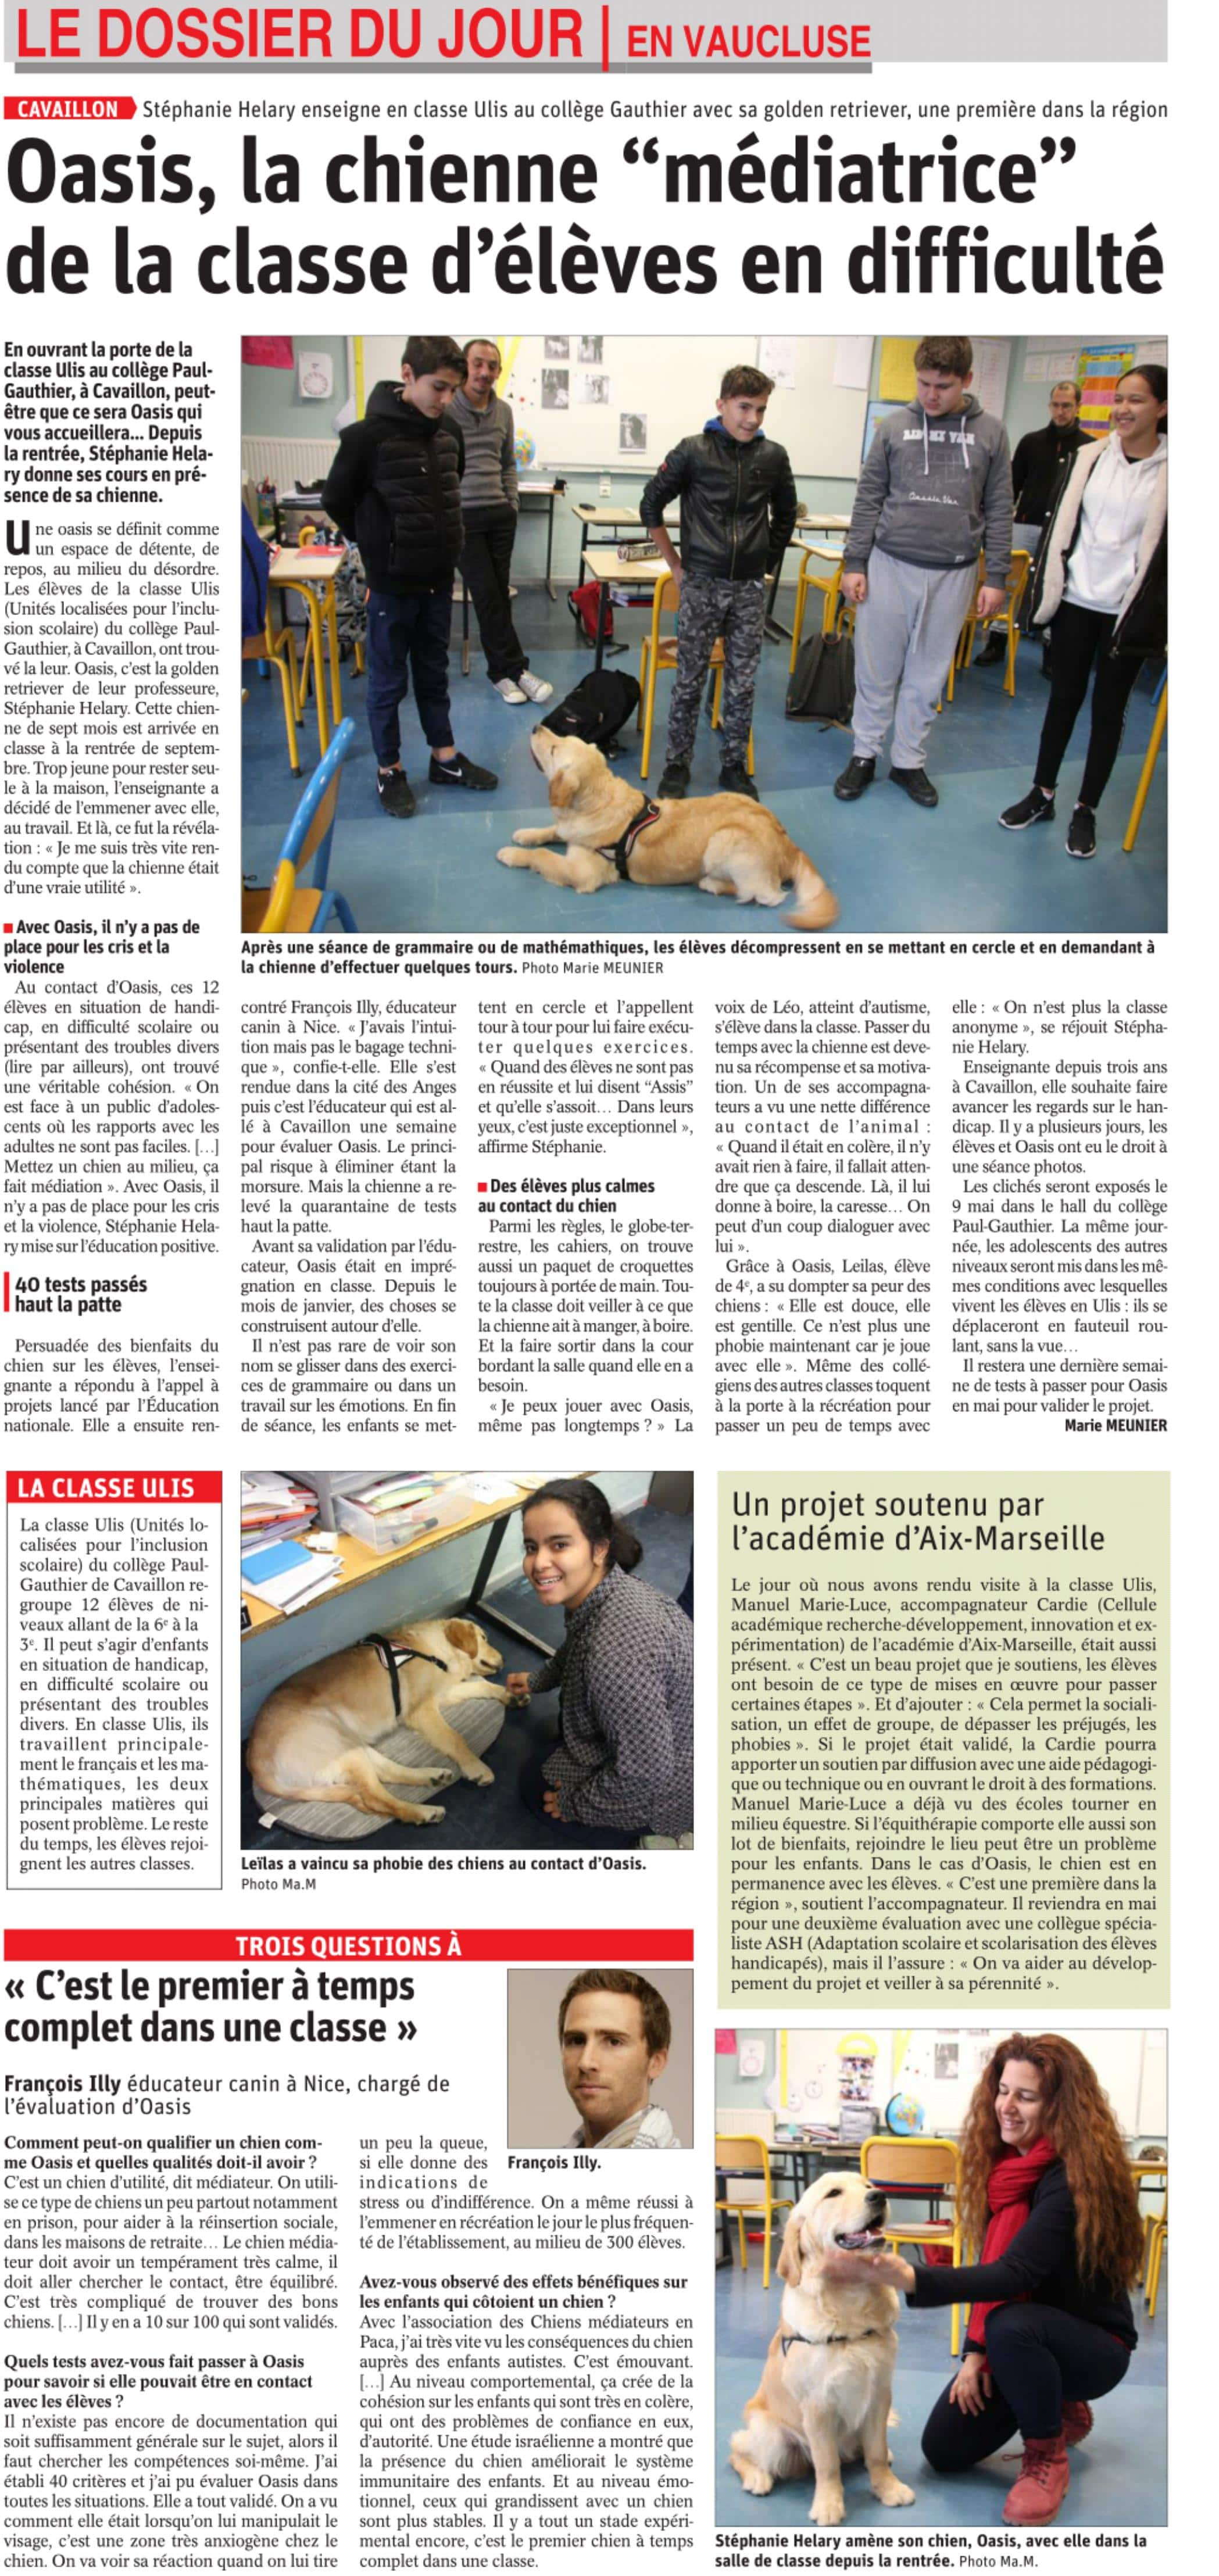 Médiation animale dans l'Éducation Nationale